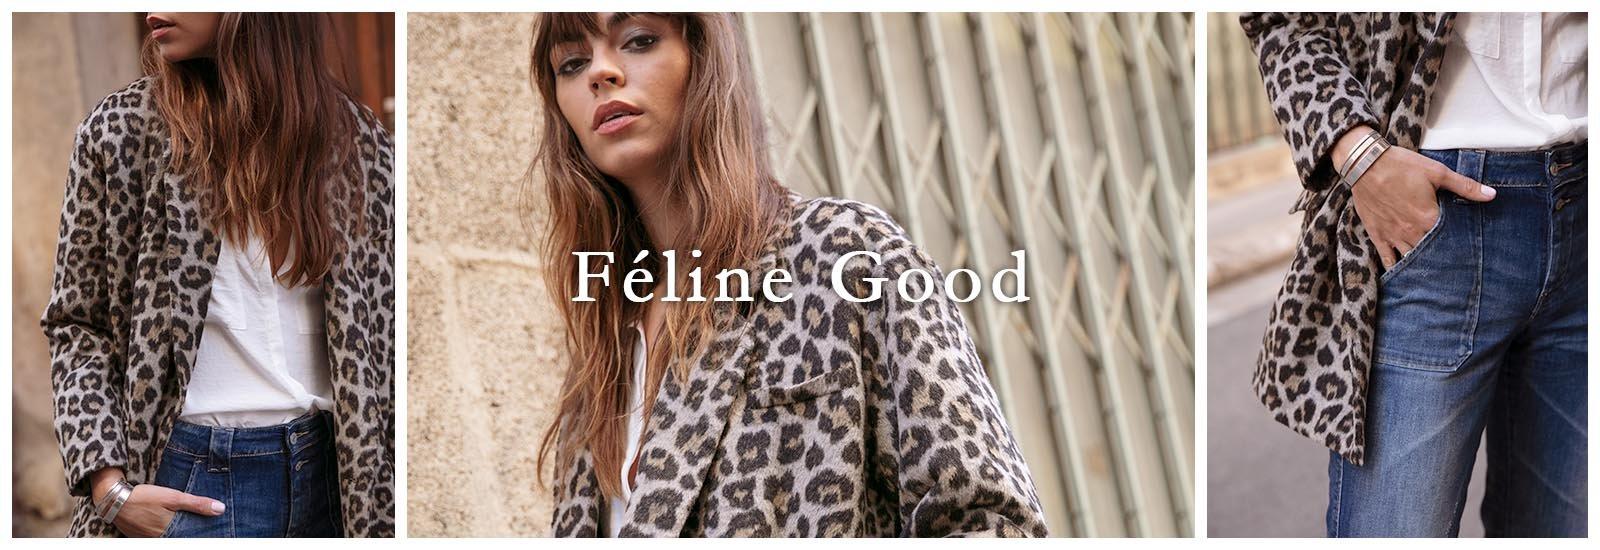 Féline Good